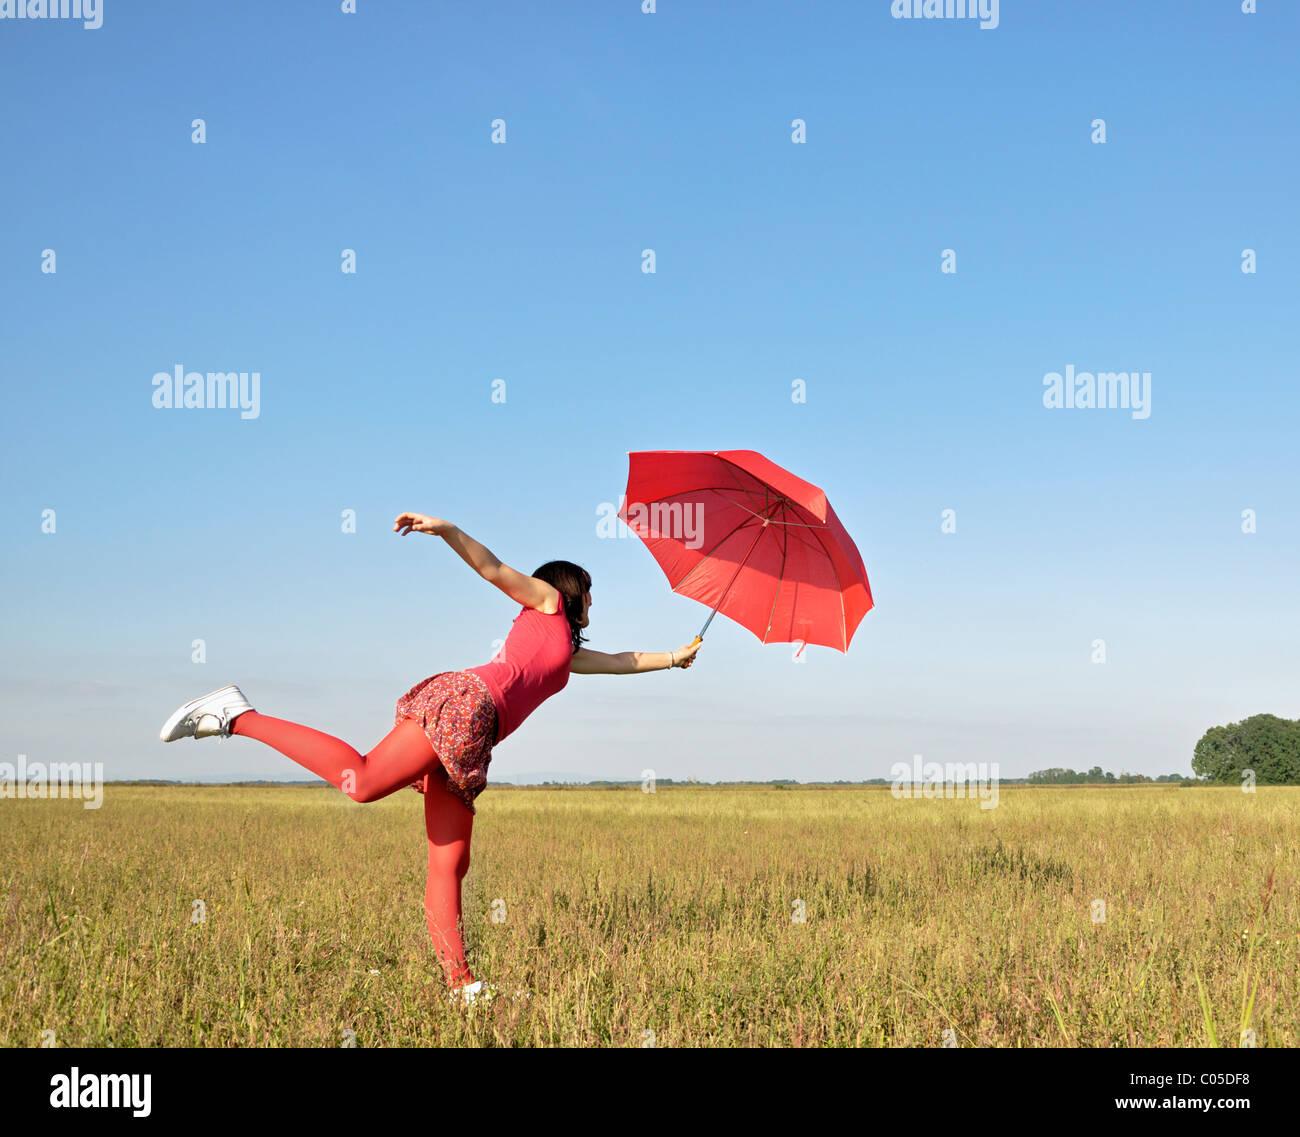 Junge Frau halten rote Regenschirm Stockbild